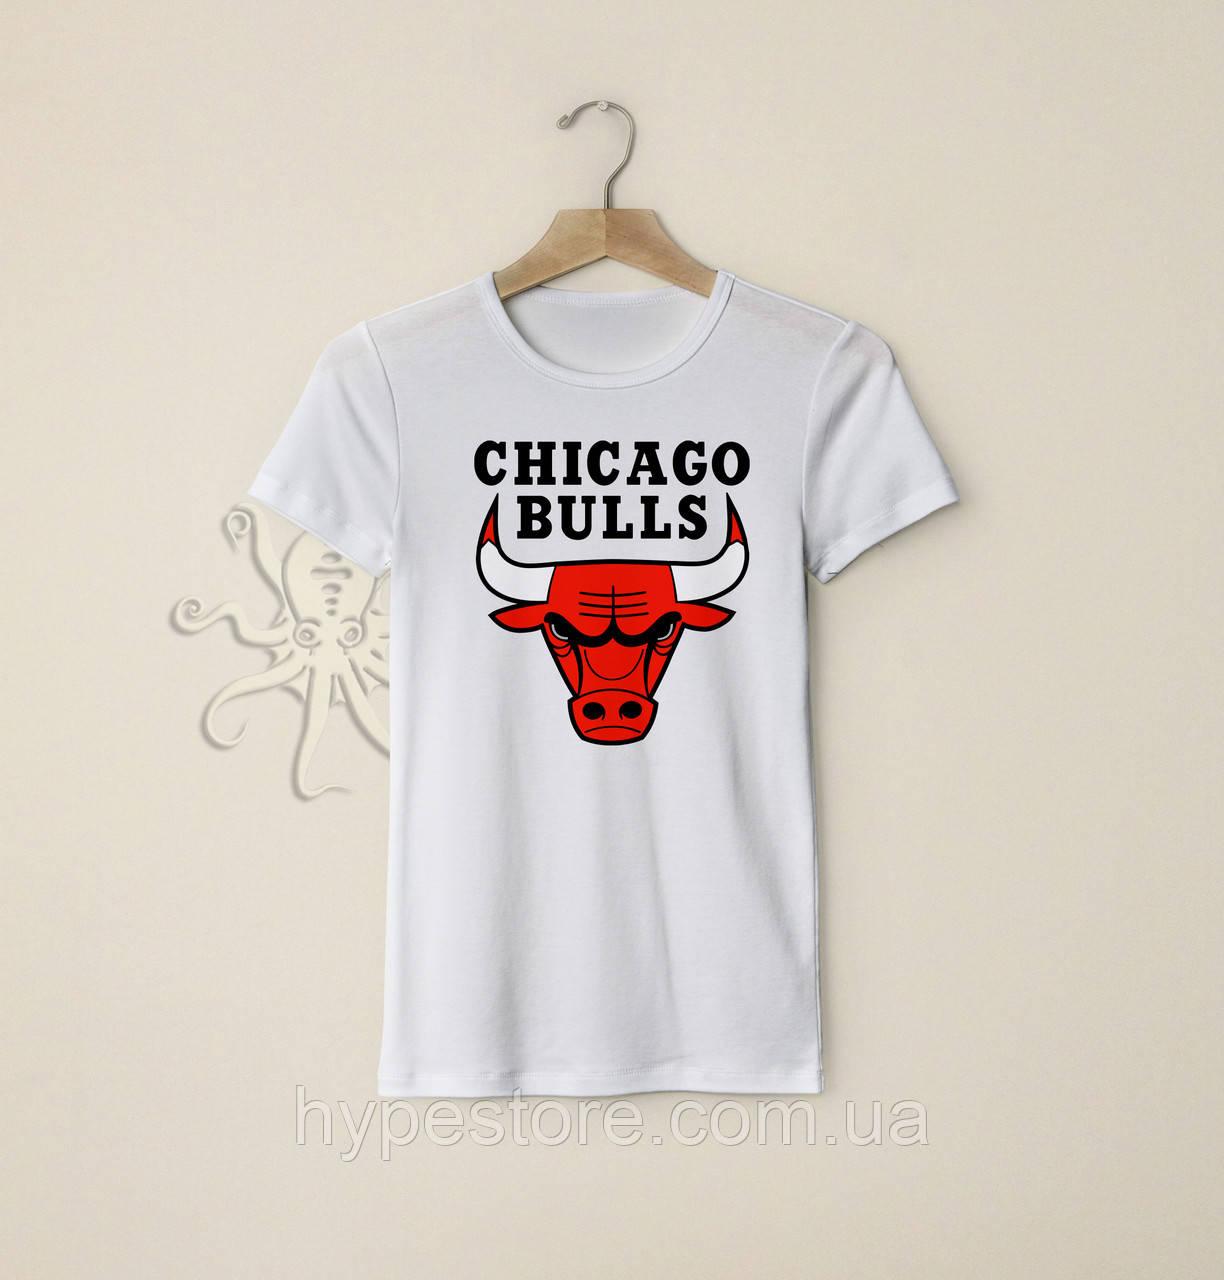 Мужская белая футболка, чоловіча футболка Chicago Bulls, Реплика